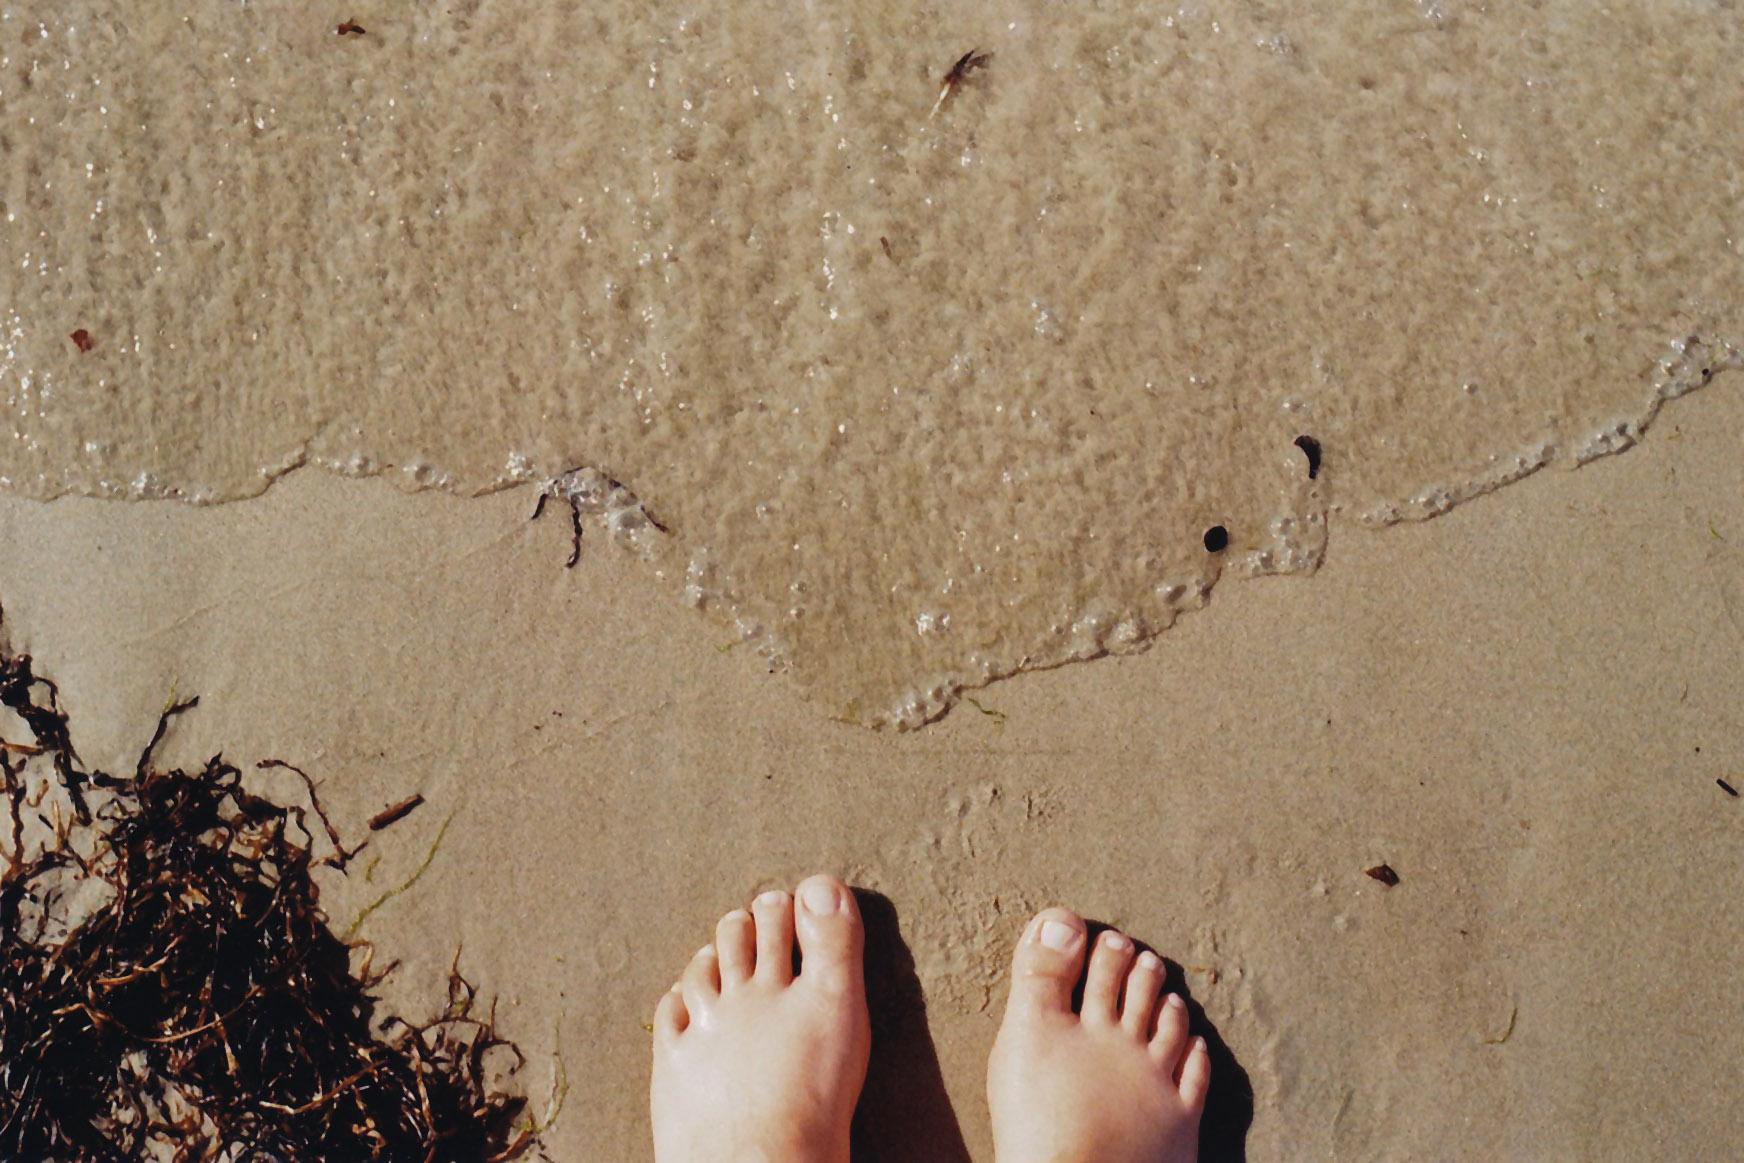 Nackte Füsse im Sand der Brandung